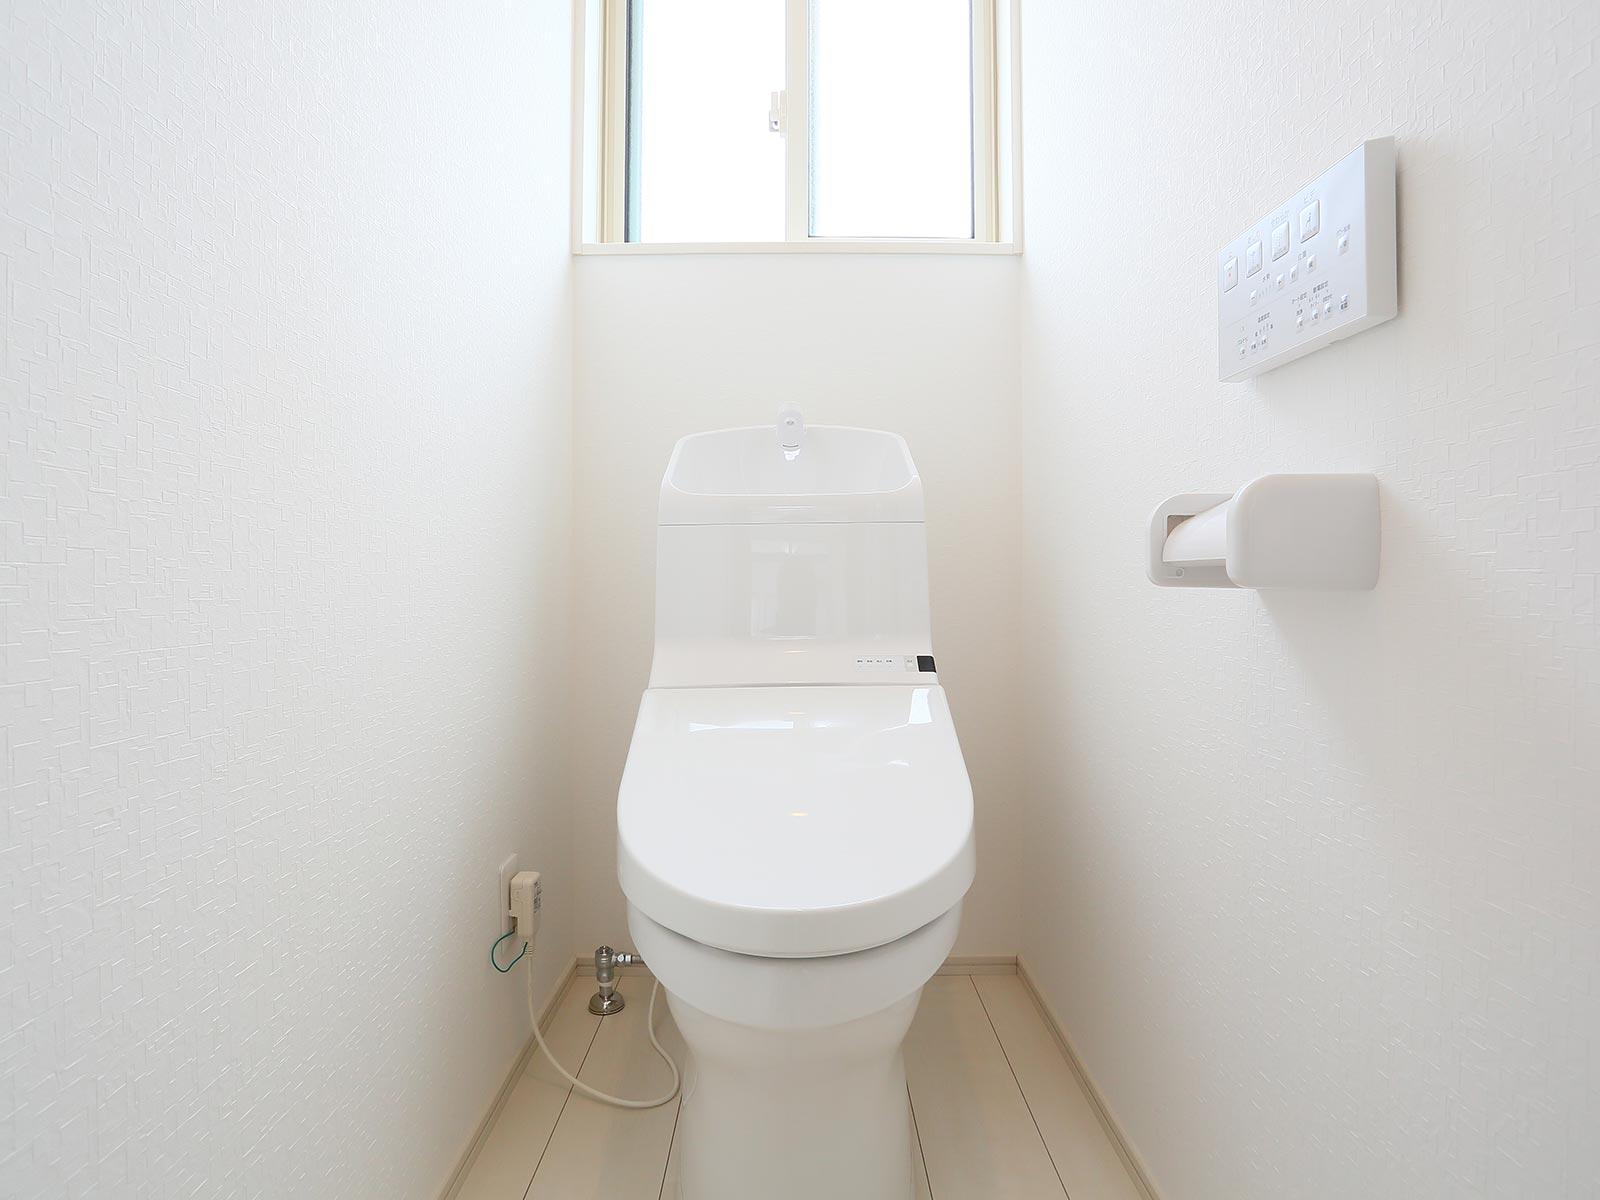 排尿時の違和感…考えられる病気は「膀胱炎」かも!?